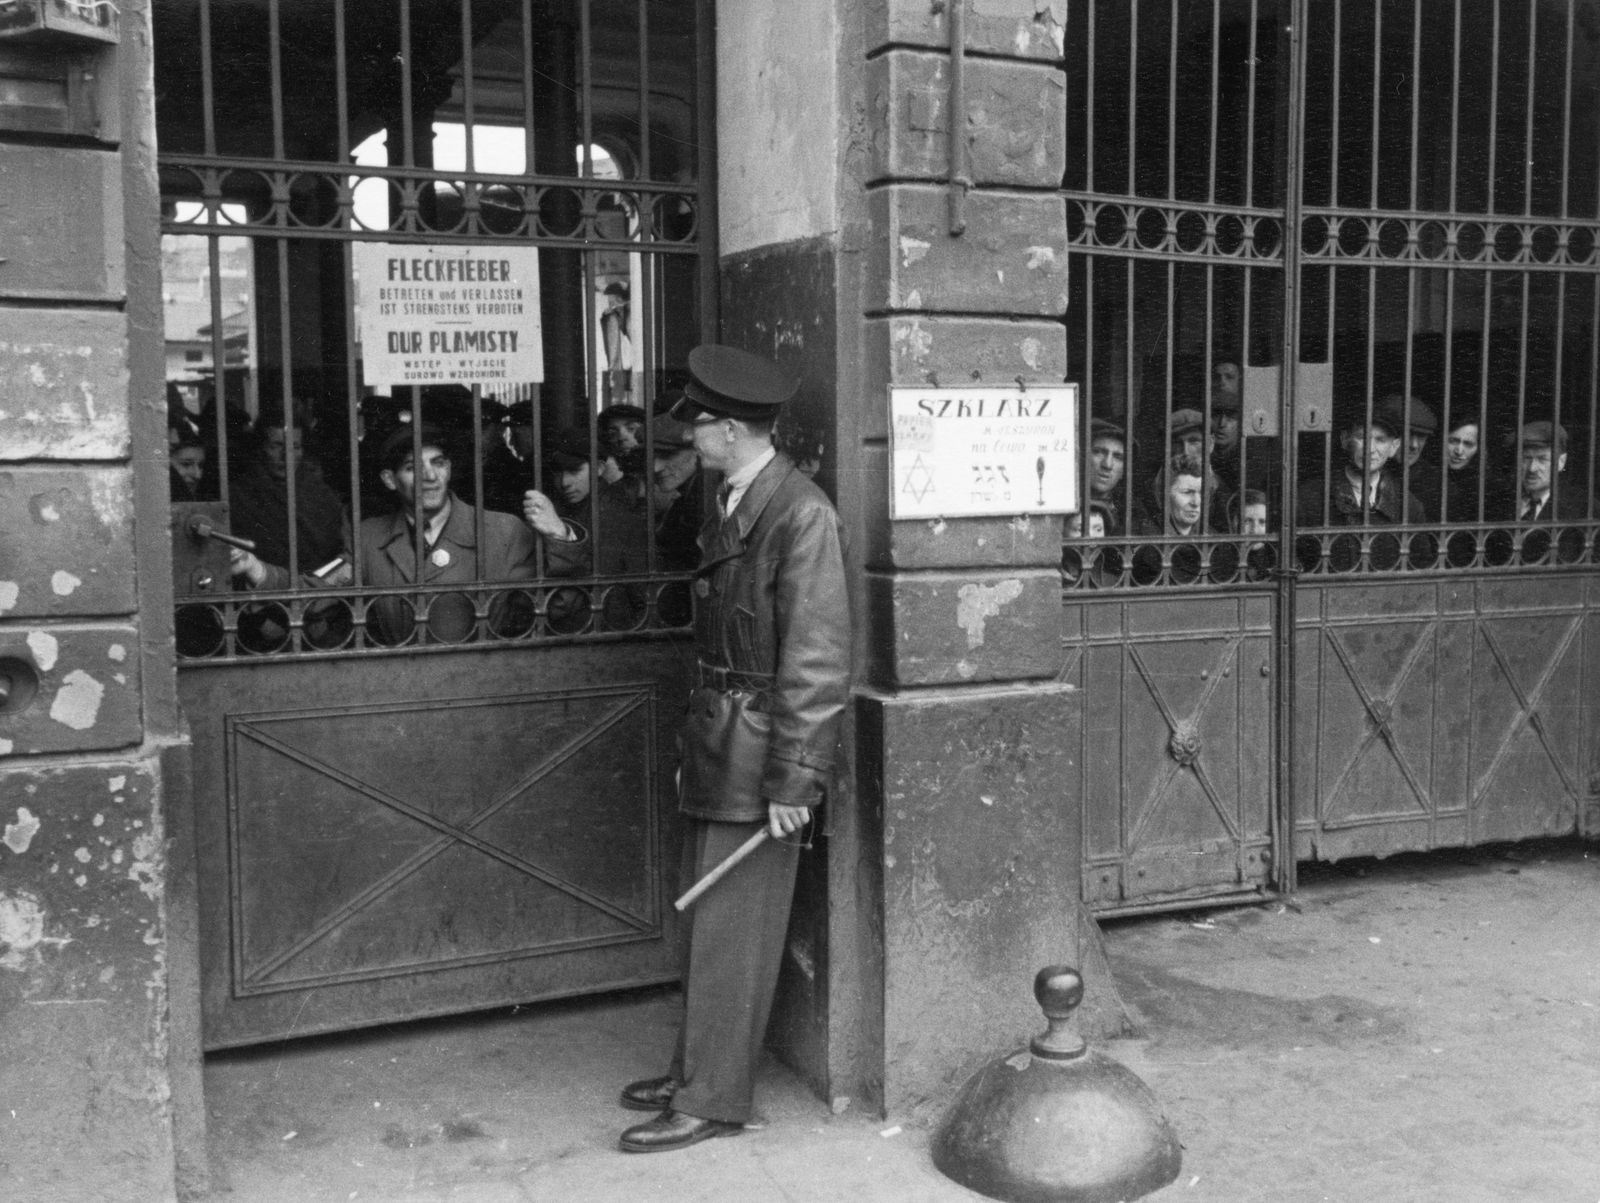 Fleckfieber-Warnung an einem Haus im Warschauer Ghetto, Angehörige der Ghettopolizei mit Schlagstock bewachen den Durchgang